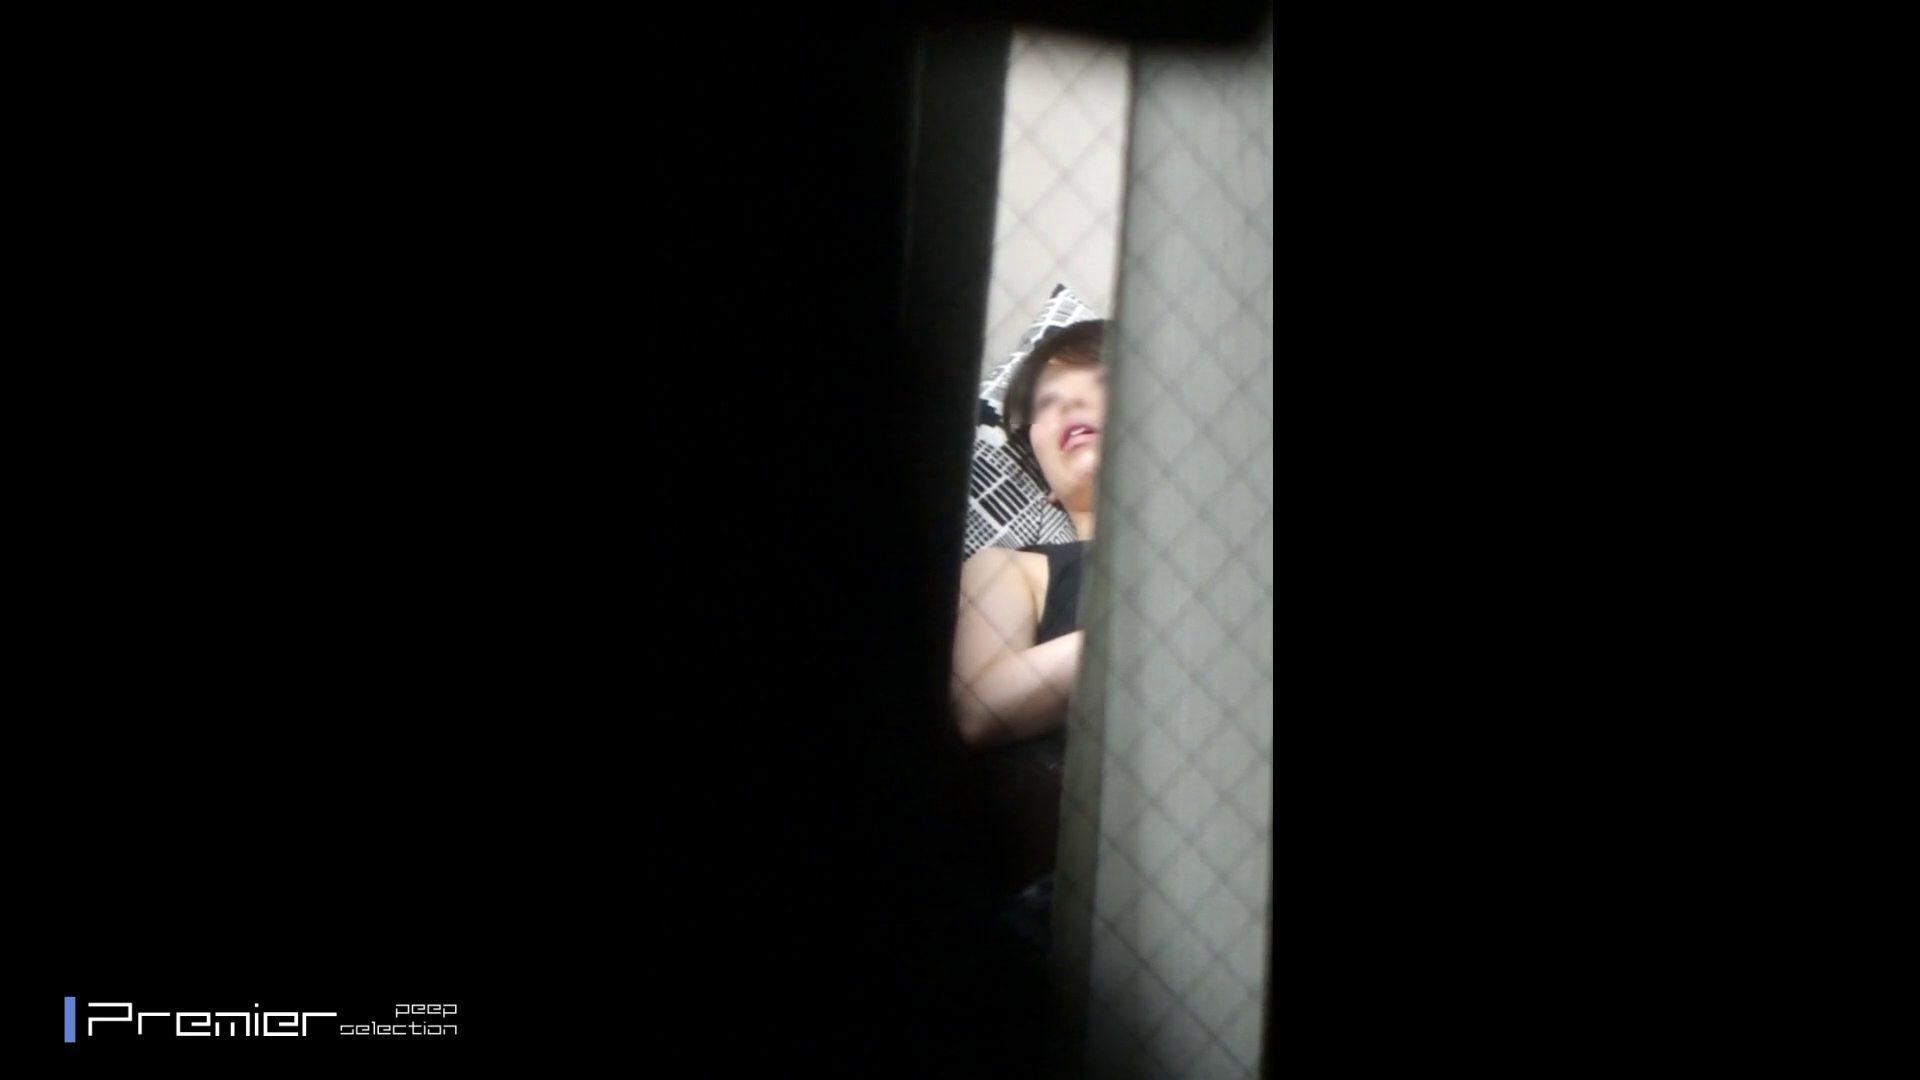 美人 OL のおっぱいとセクシーランジェリー  美女達の私生活に潜入! 潜入 のぞき動画画像 47pic 10